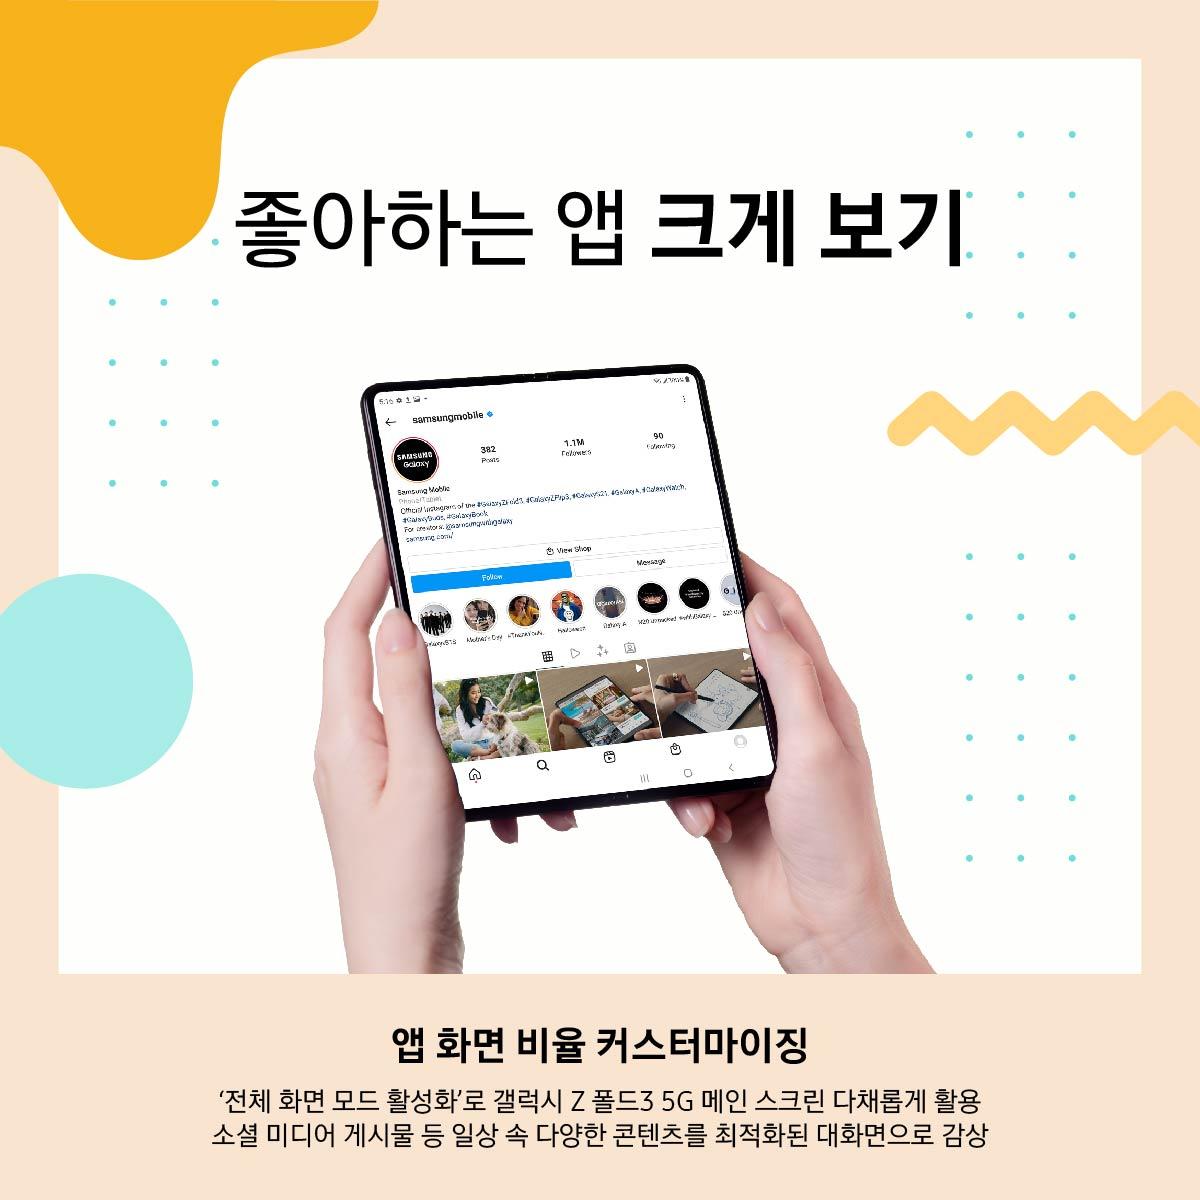 좋아하는 앱 크게 보기 앱 화면 비율 커스터마이징 '전체 화면 모드 활성화'로 갤럭시 Z 폴드3 5G 메인 스크린 다채롭게 활용 소셜 미디어 게시물 등 일상 속 다양한 콘텐츠를 최적화된 대화면으로 감상